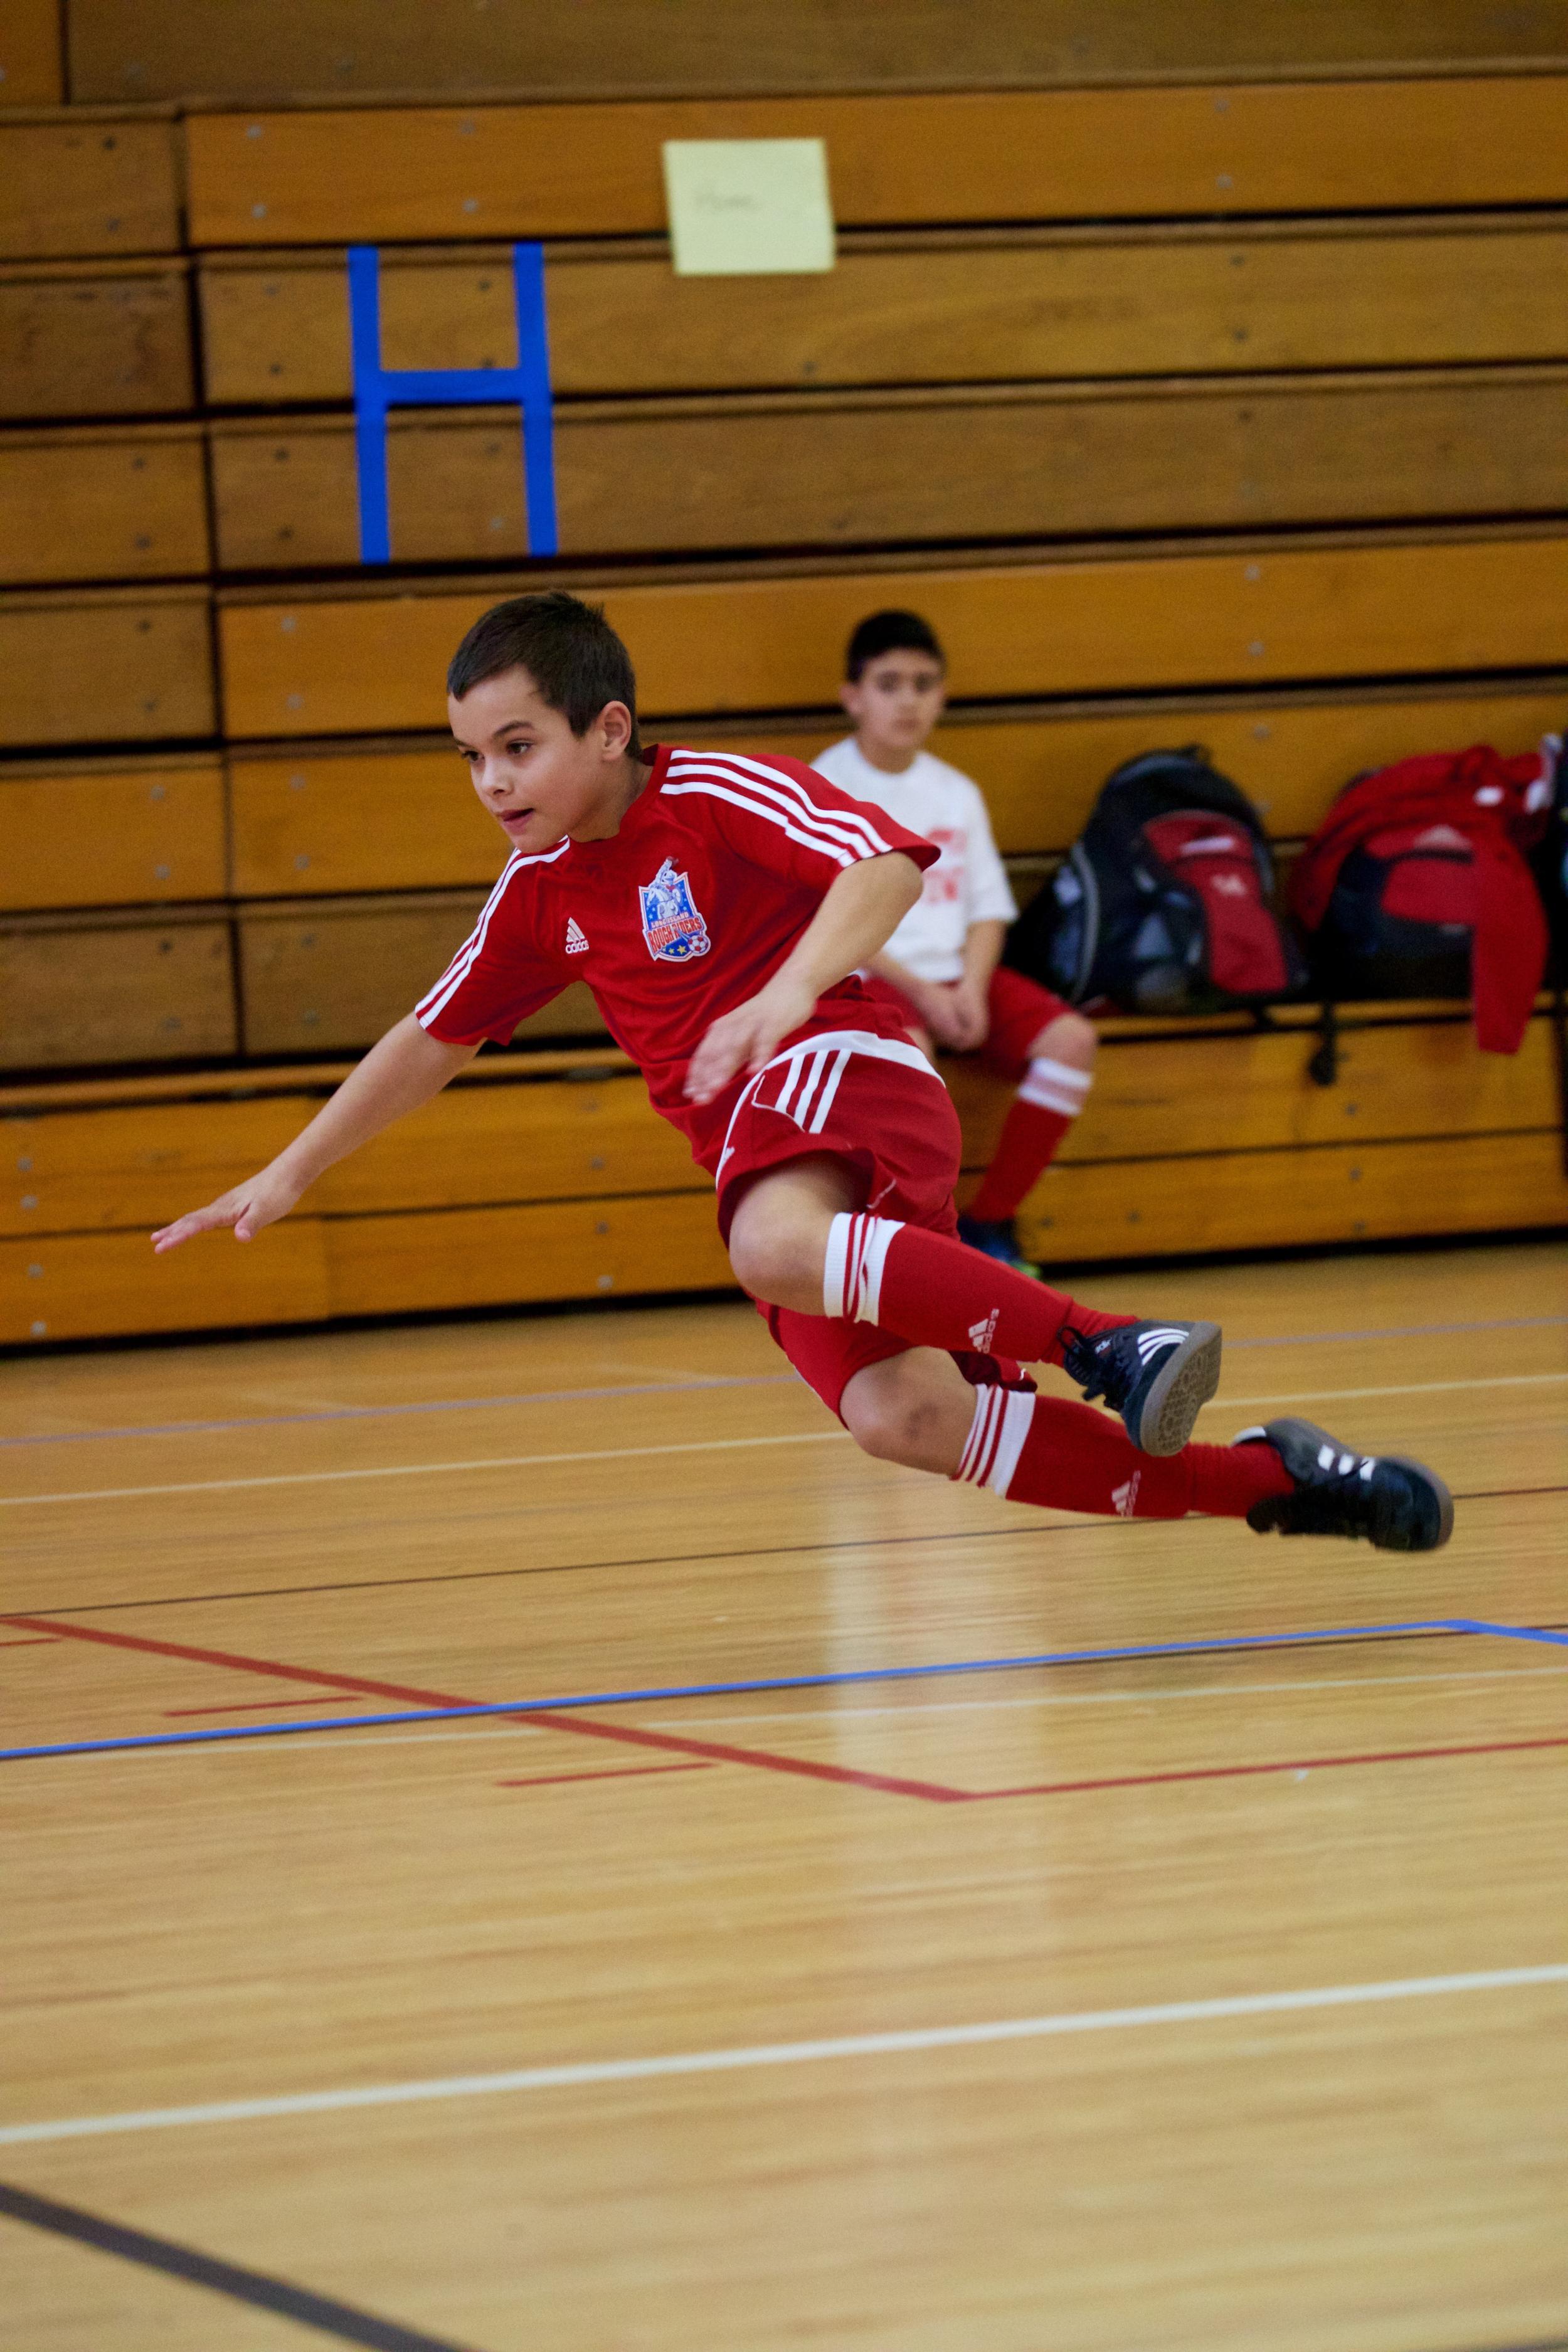 soccer 2 (10 of 31).jpg